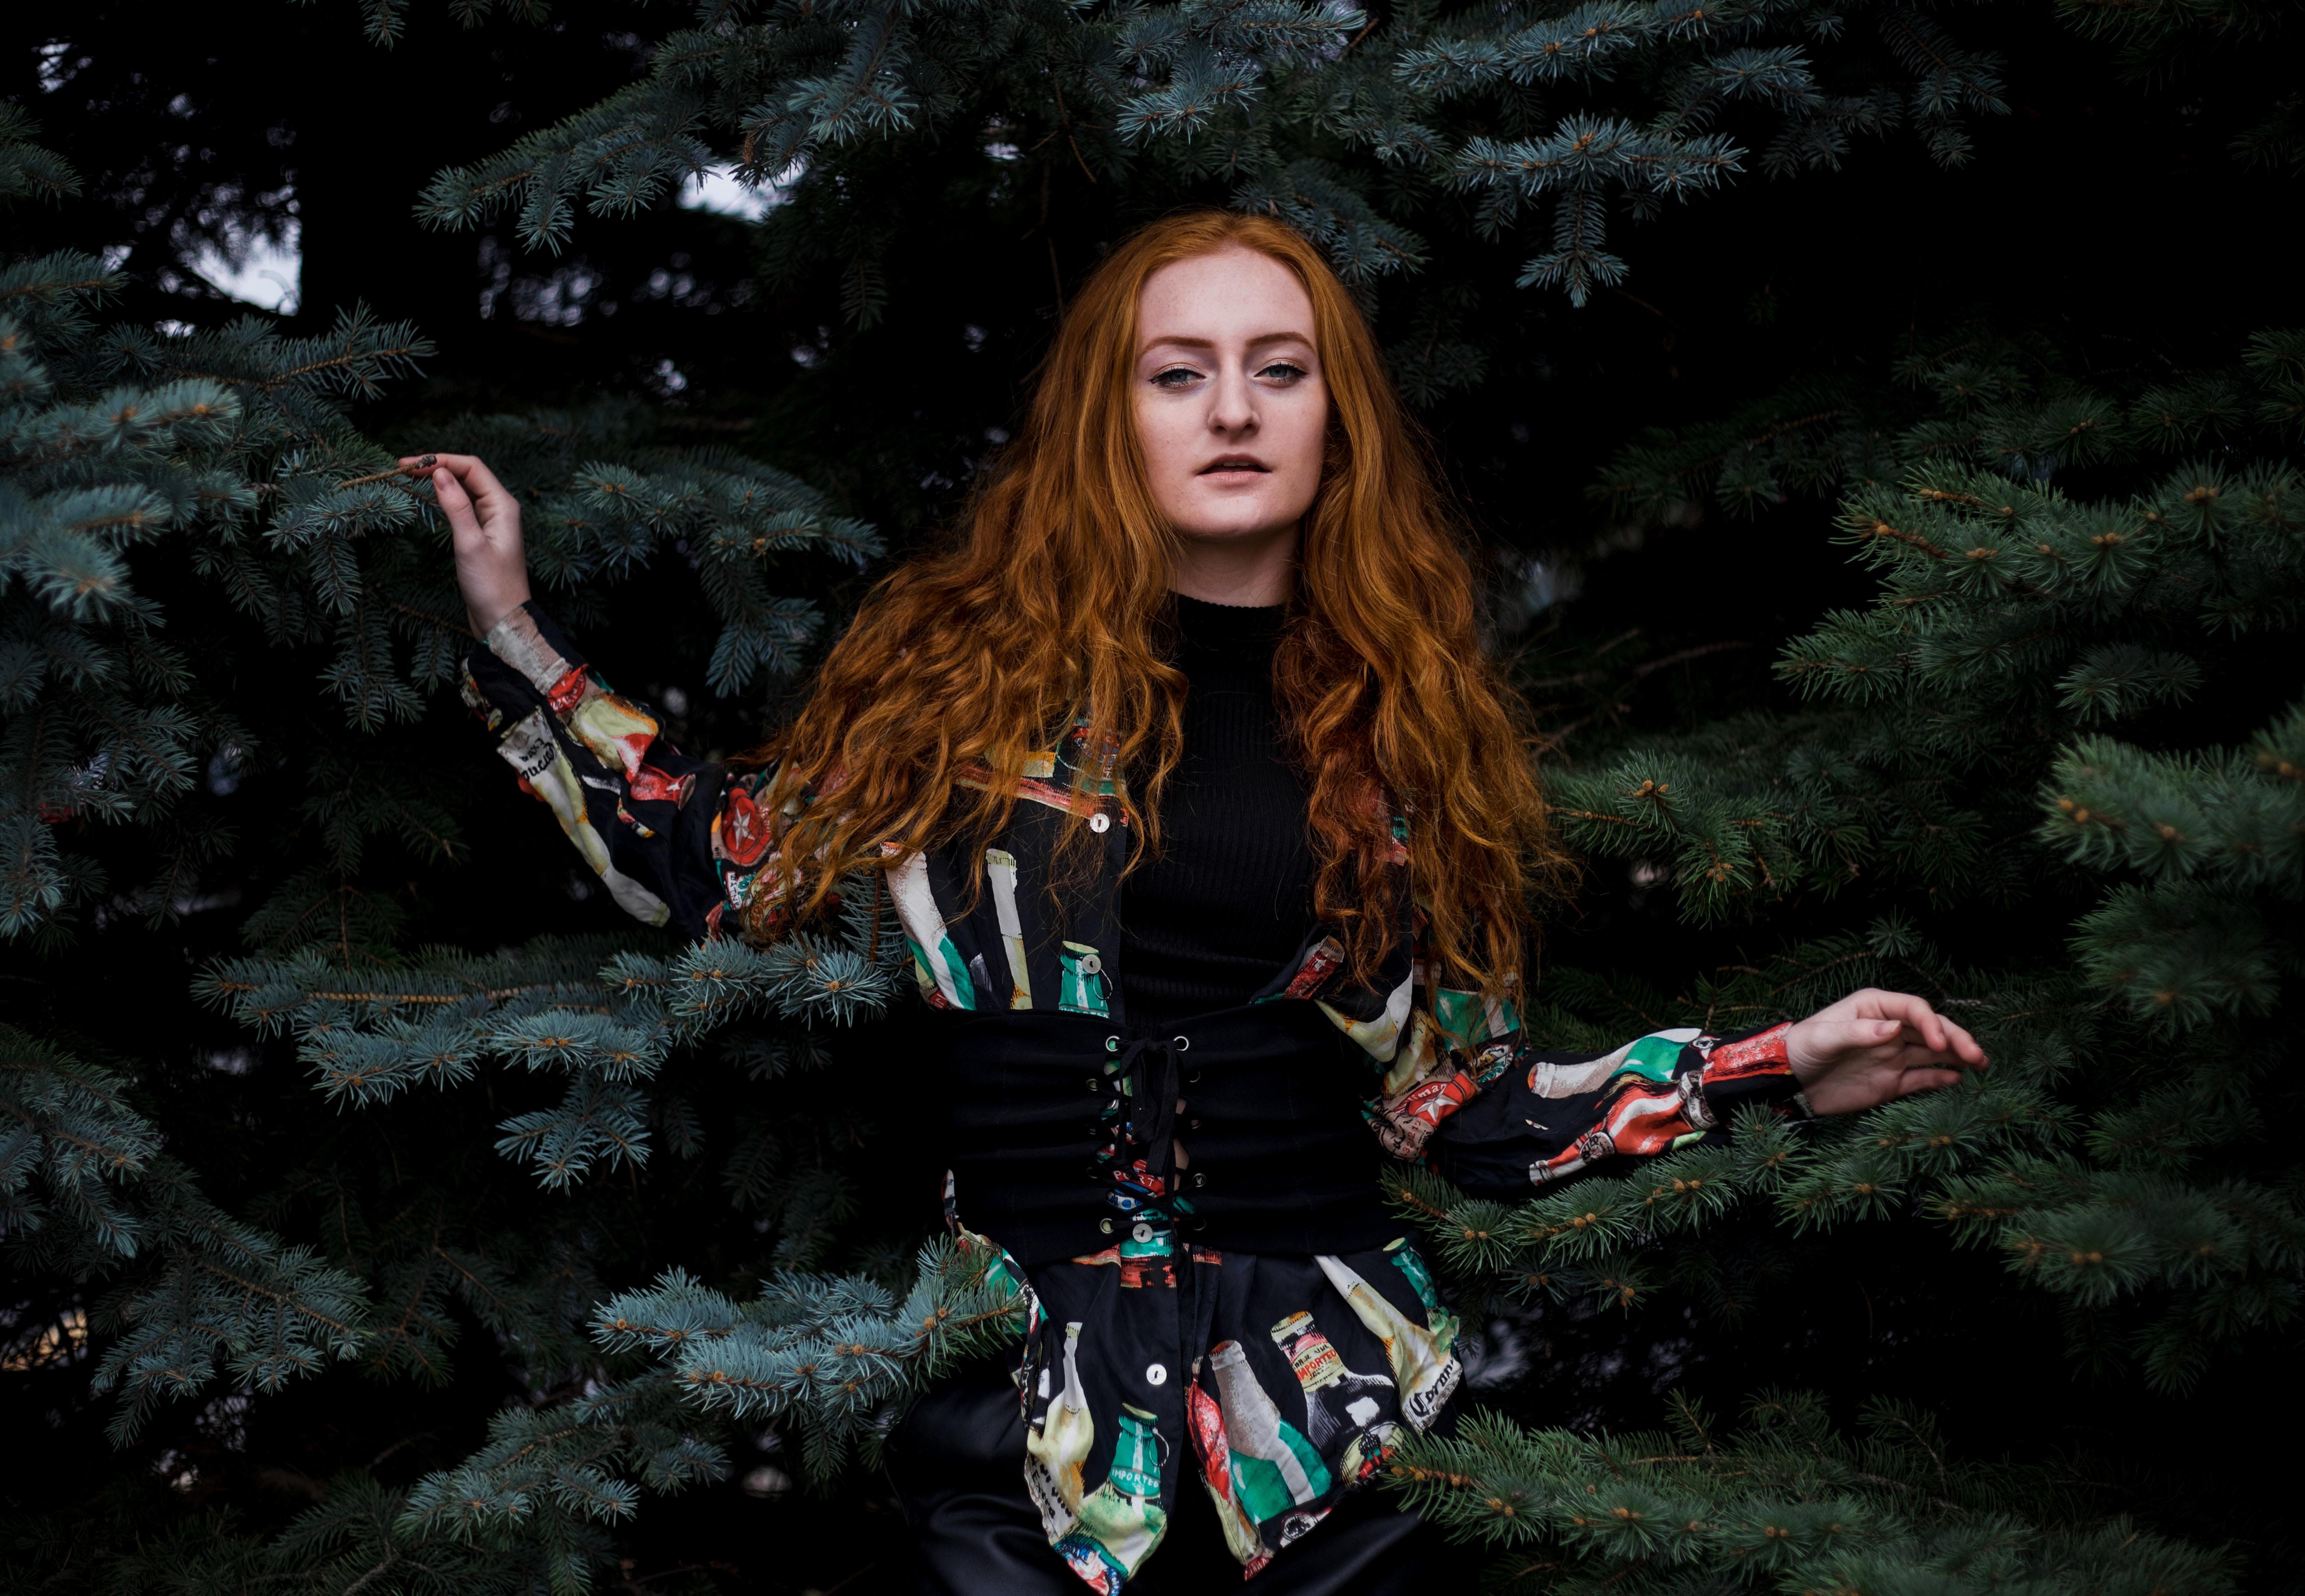 woman in black long-sleeved top beside trees